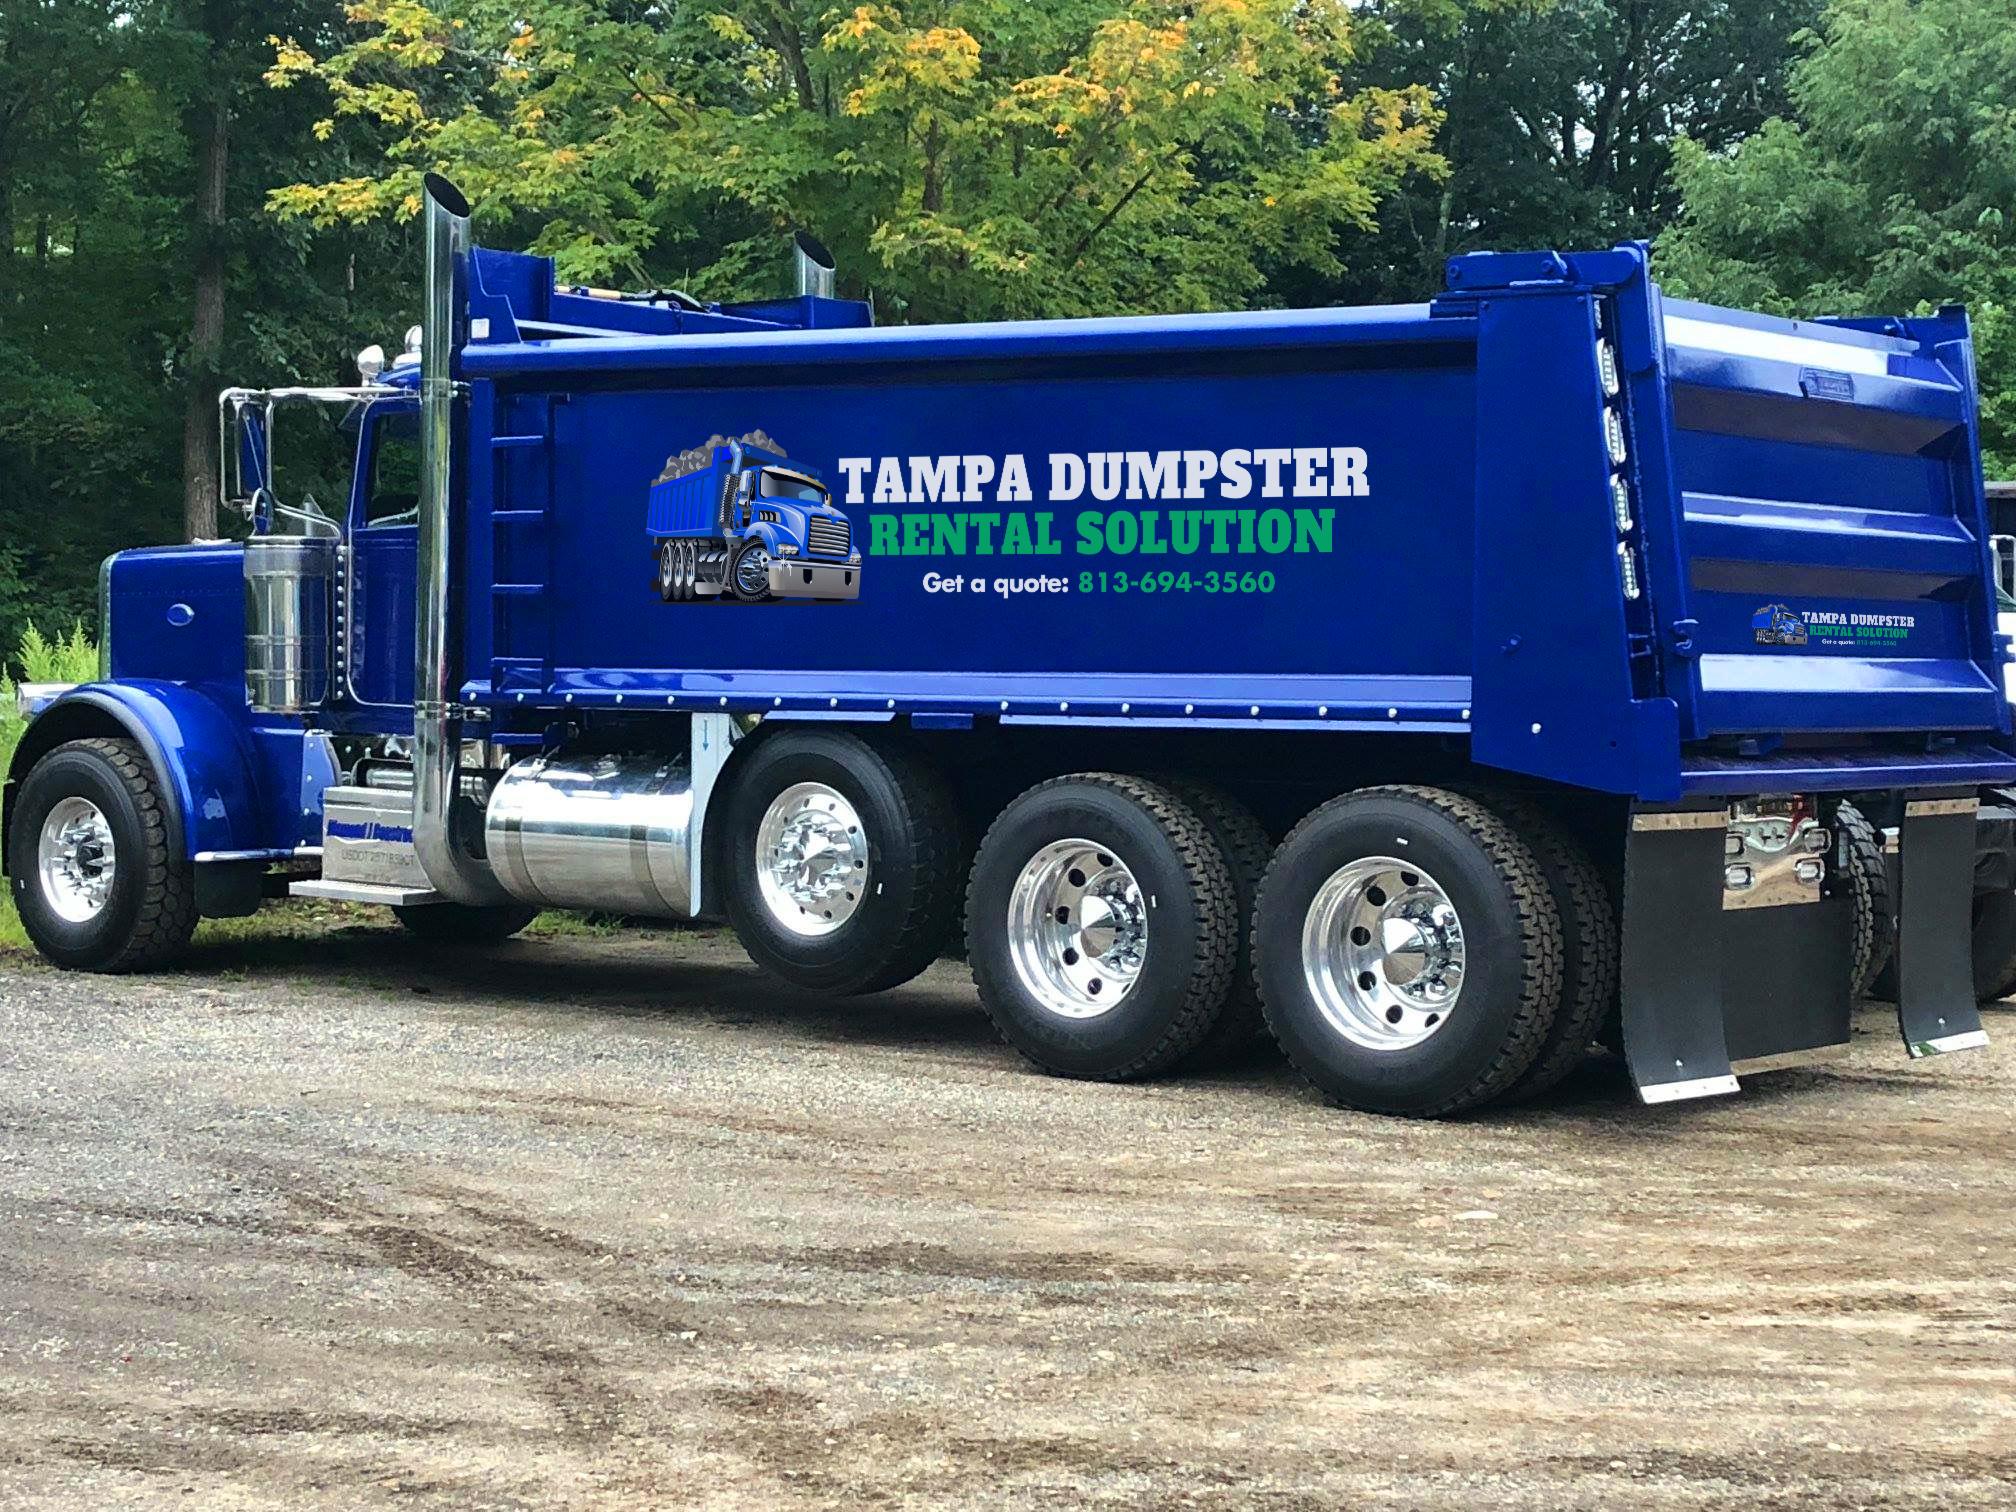 Dumpster rental Tampa